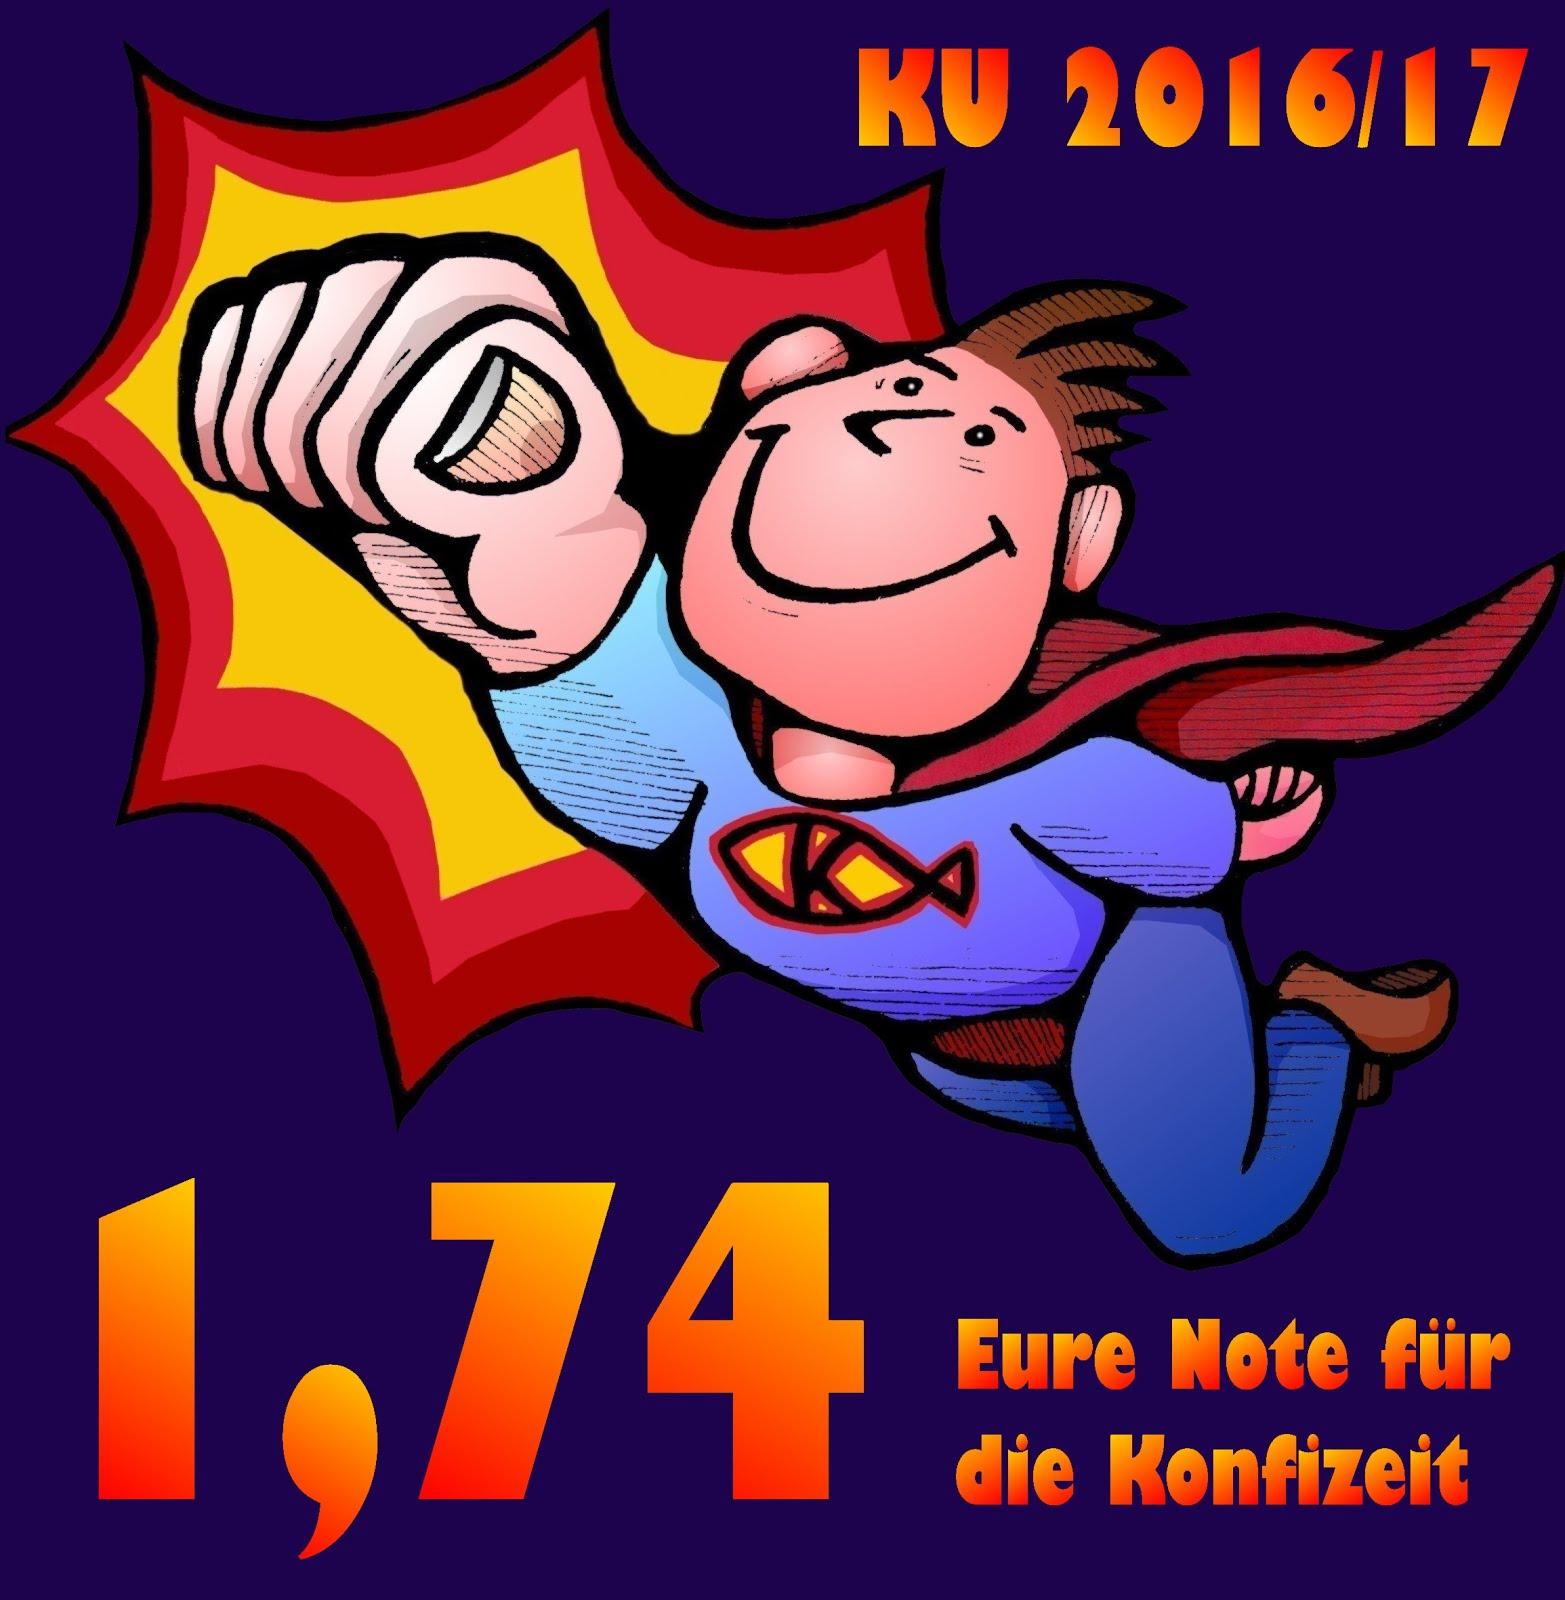 KU-Voting 2016/17